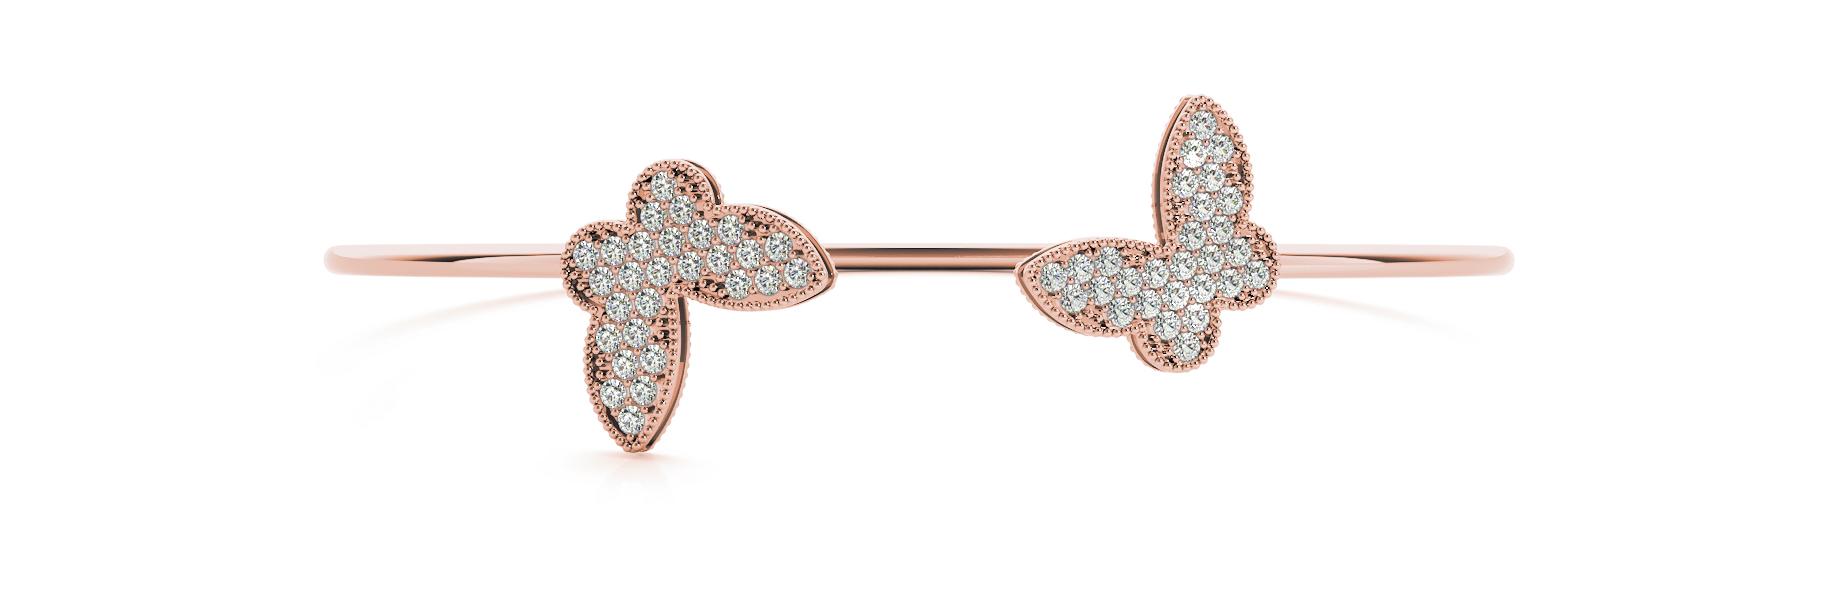 5/8 ct tw 14kt gold Pink Bracelet 28 - .015PT Round ,24 - .0075PT Round